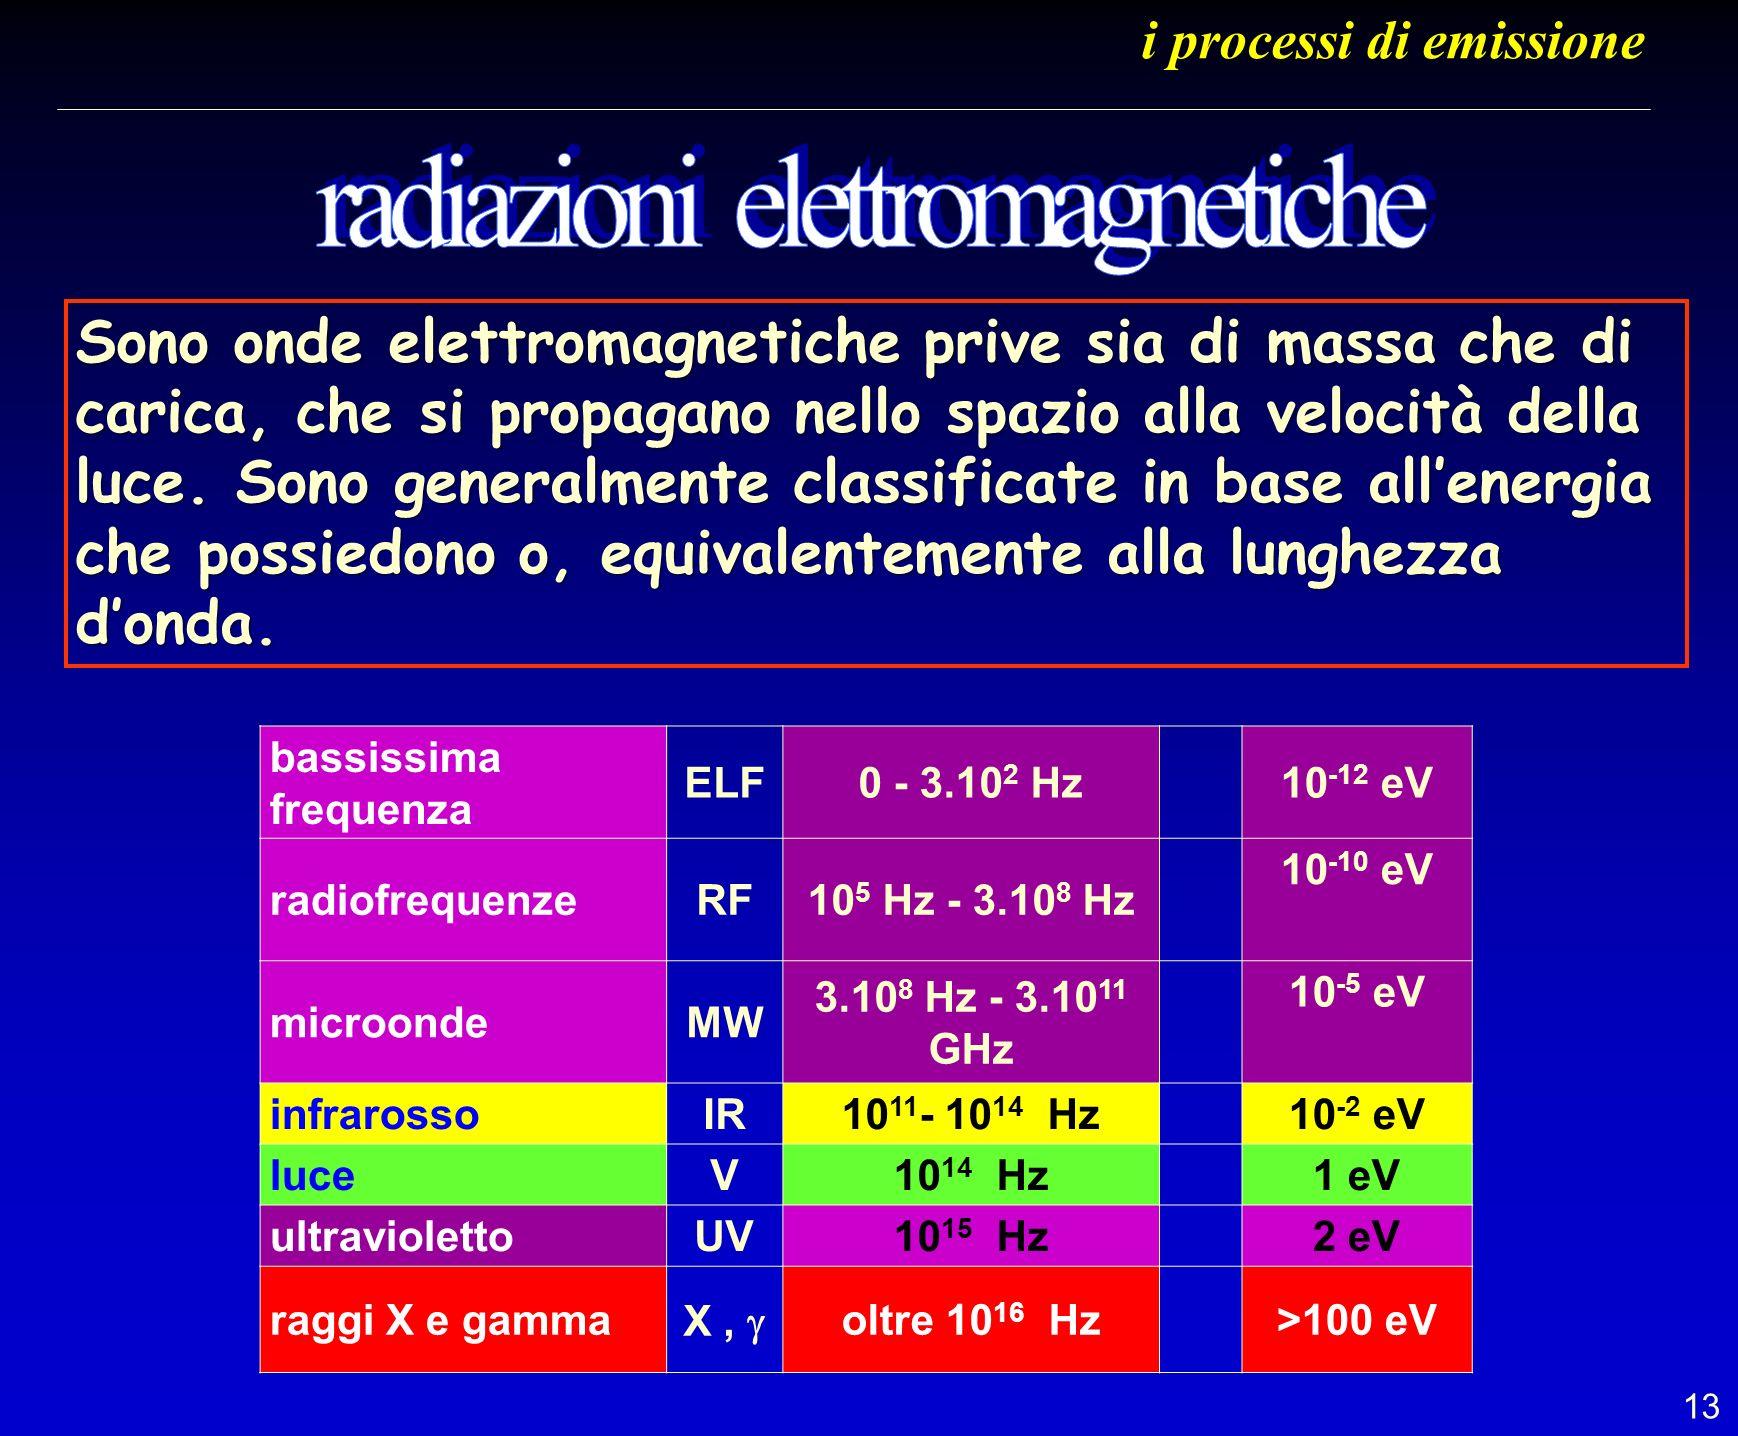 13 i processi di emissione bassissima frequenza ELF0 - 3.10 2 Hz10 -12 eV radiofrequenzeRF10 5 Hz - 3.10 8 Hz 10 -10 eV microondeMW 3.10 8 Hz - 3.10 1